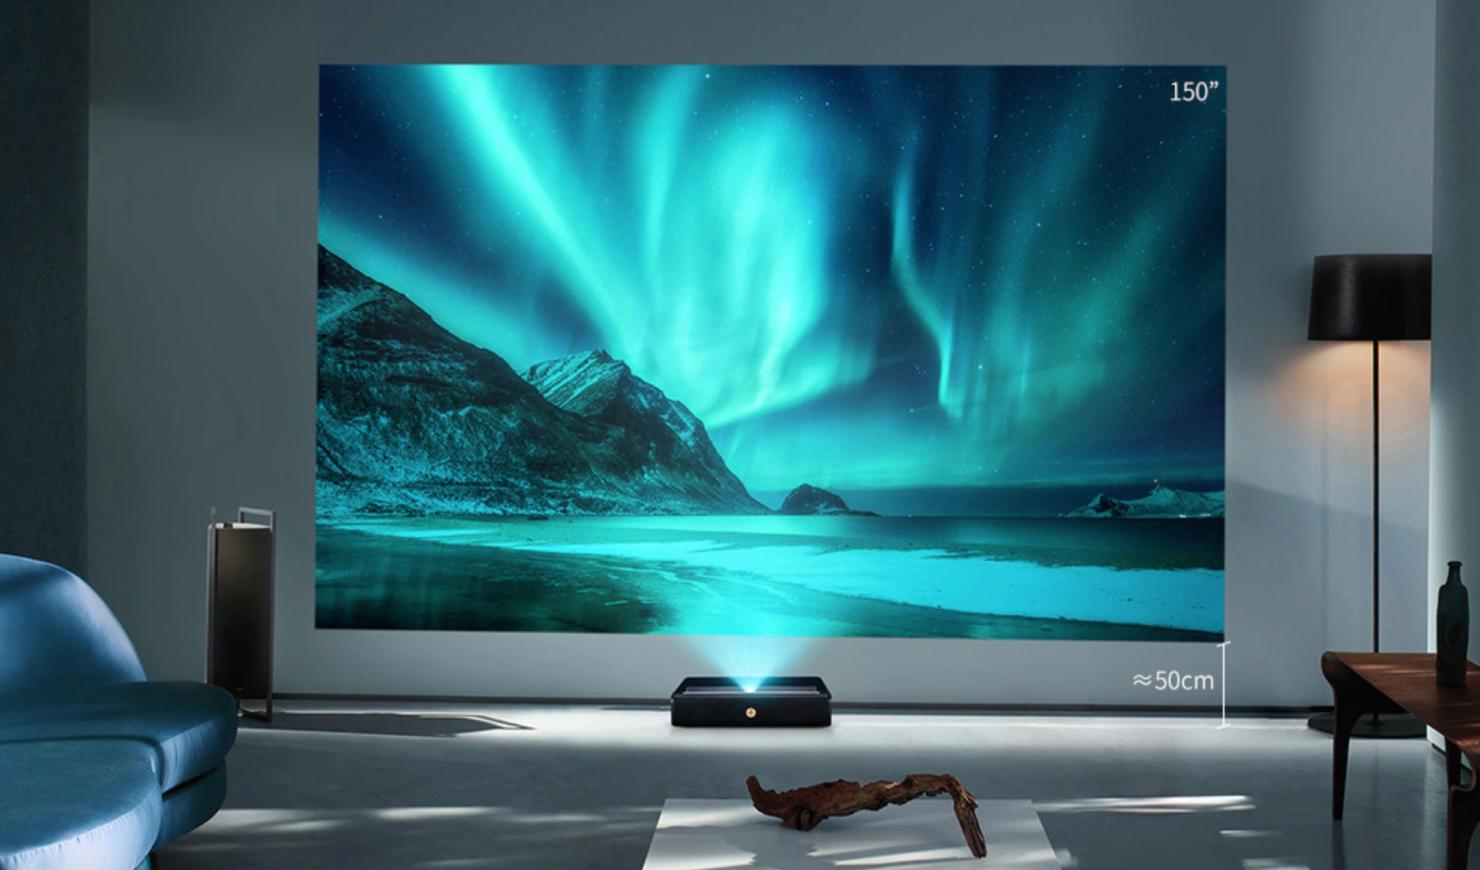 xiaomi 4k projector L1668FCF discount